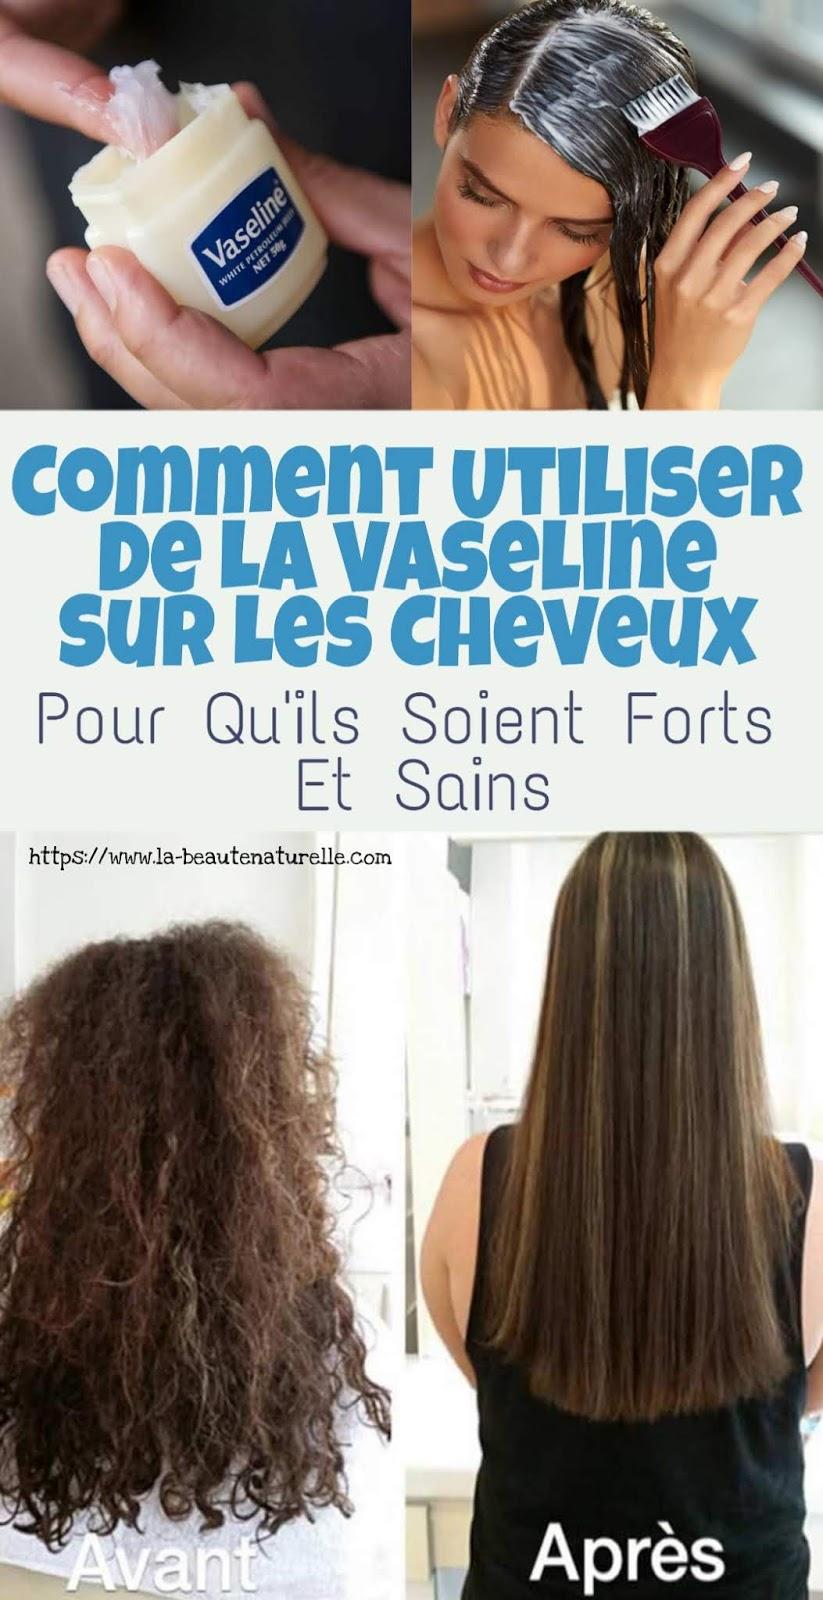 Comment Utiliser De La Vaseline Sur Les Cheveux Pour Qu'ils Soient Forts Et Sains